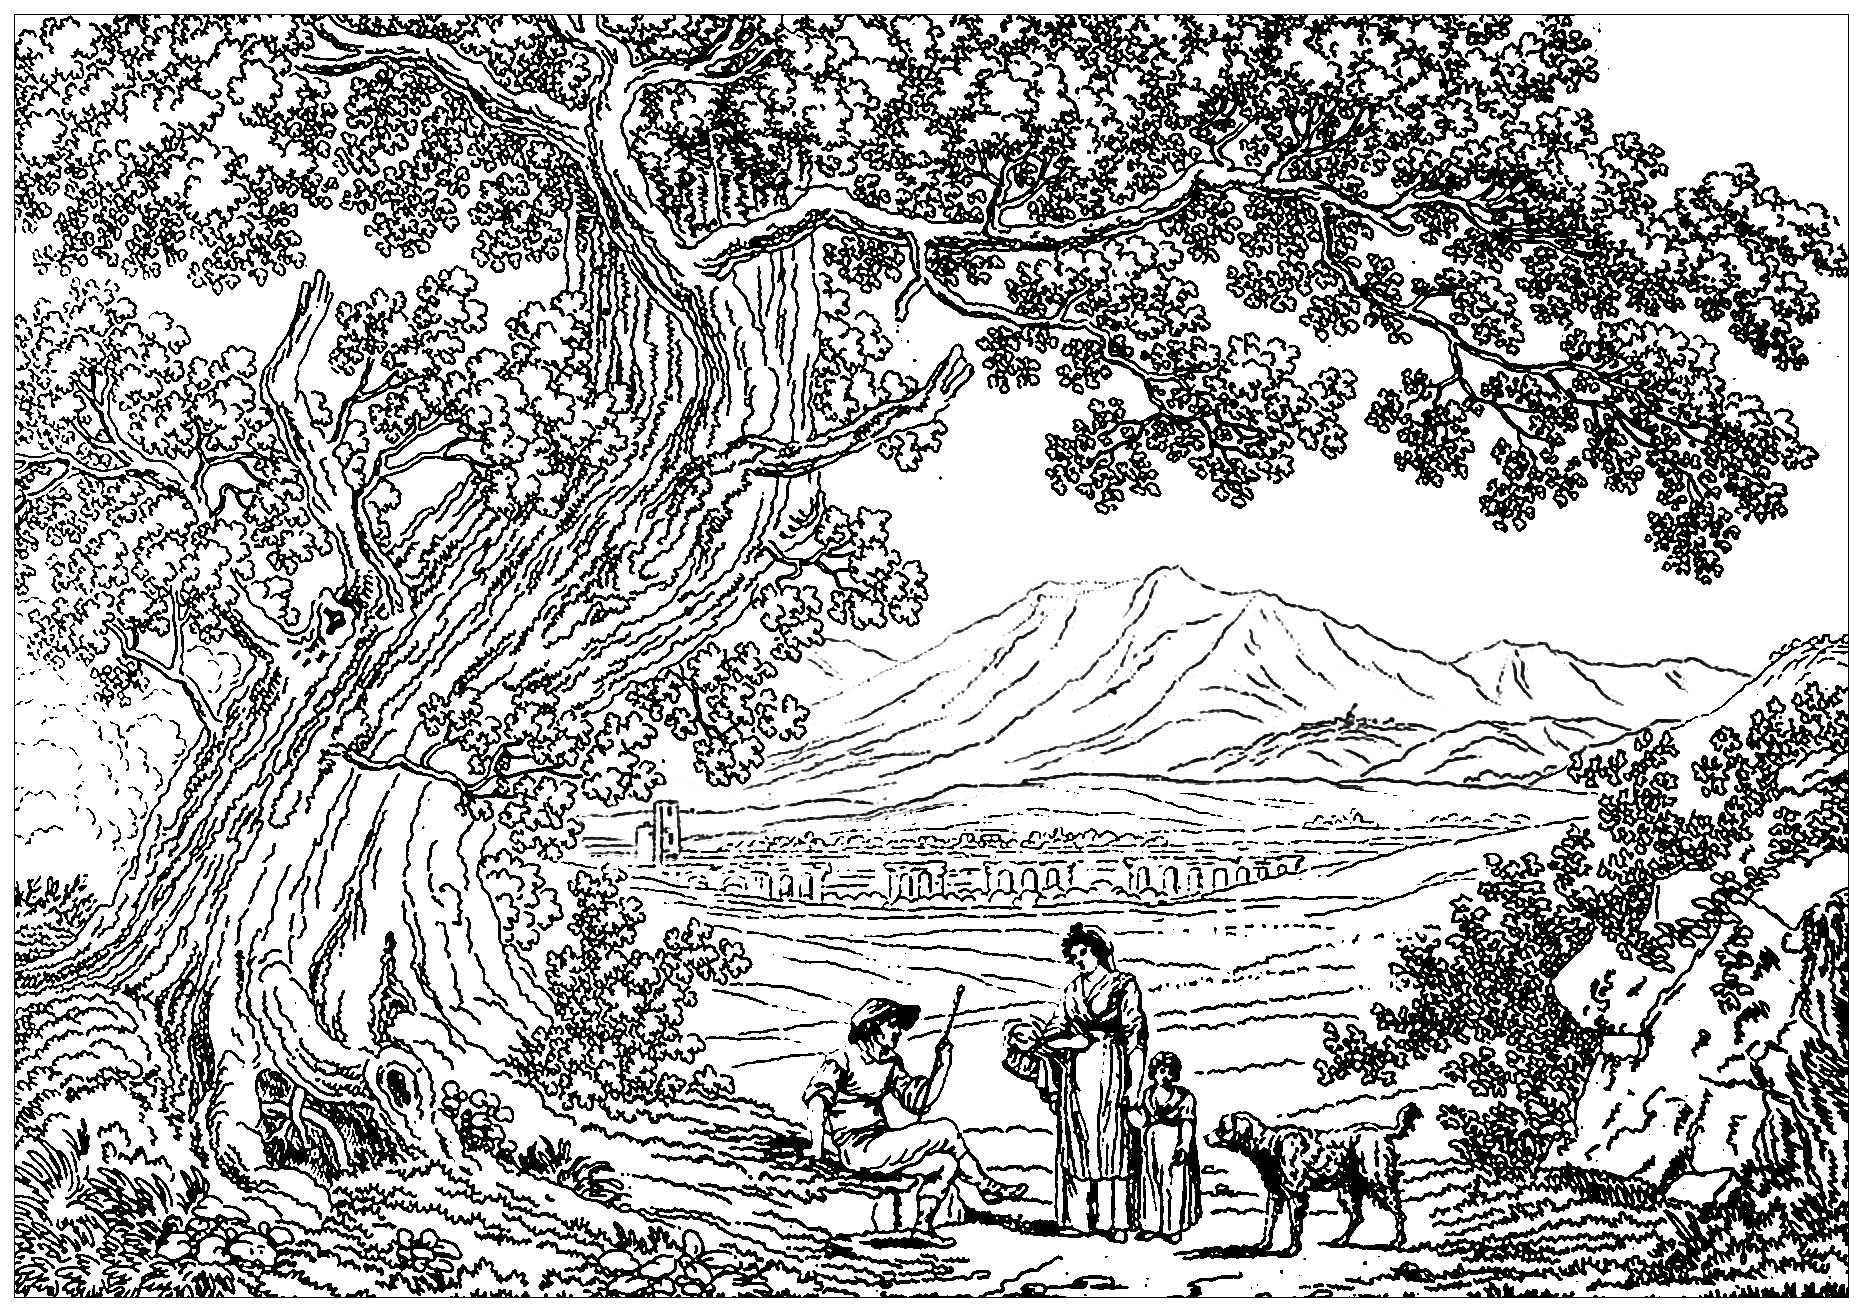 Landschaften 68418 - Landschaften - Malbuch Fur Erwachsene